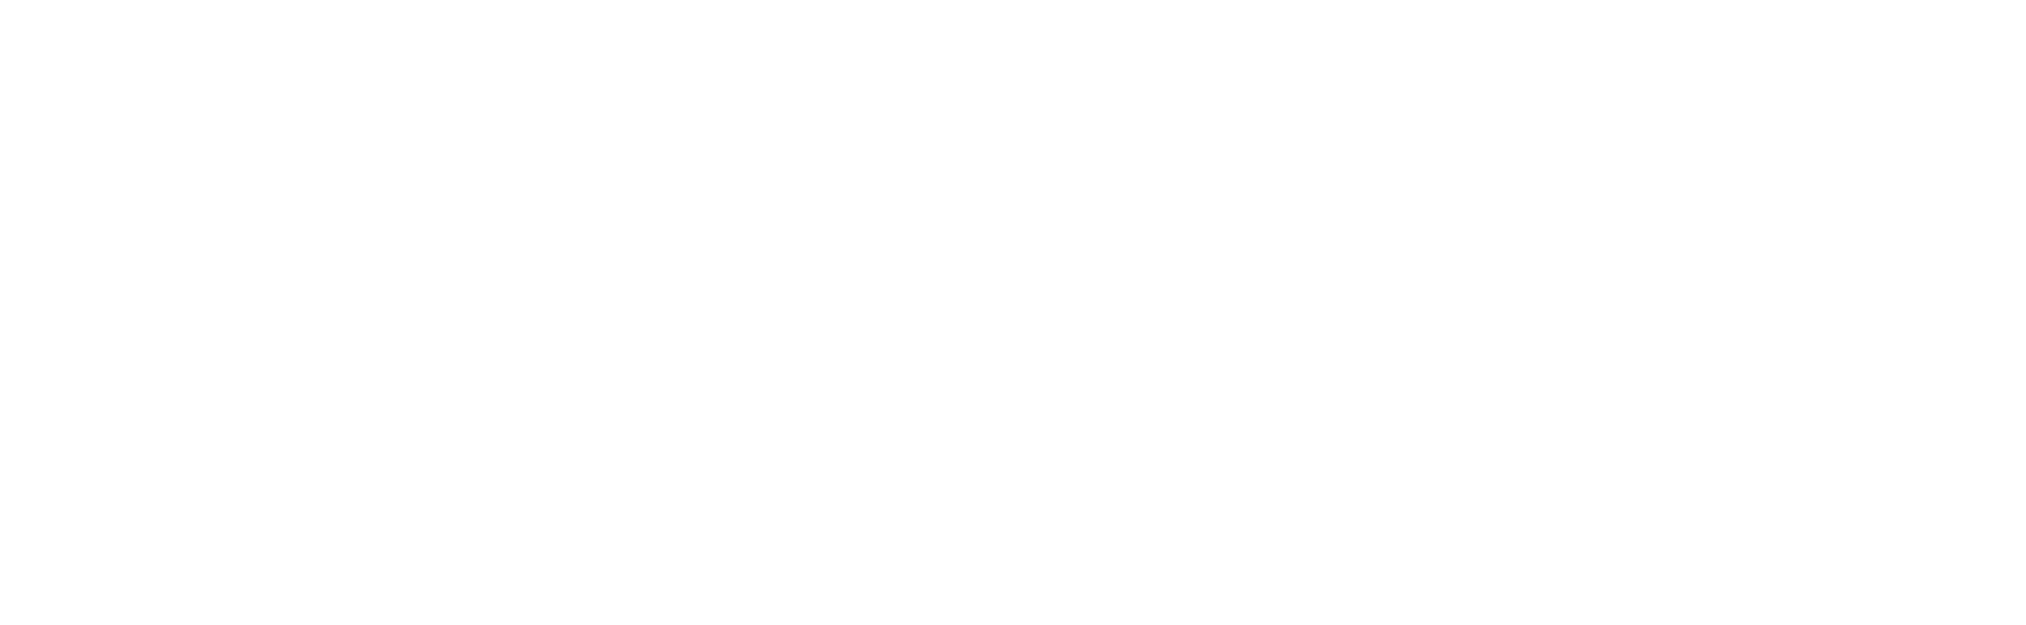 staples white logo.png